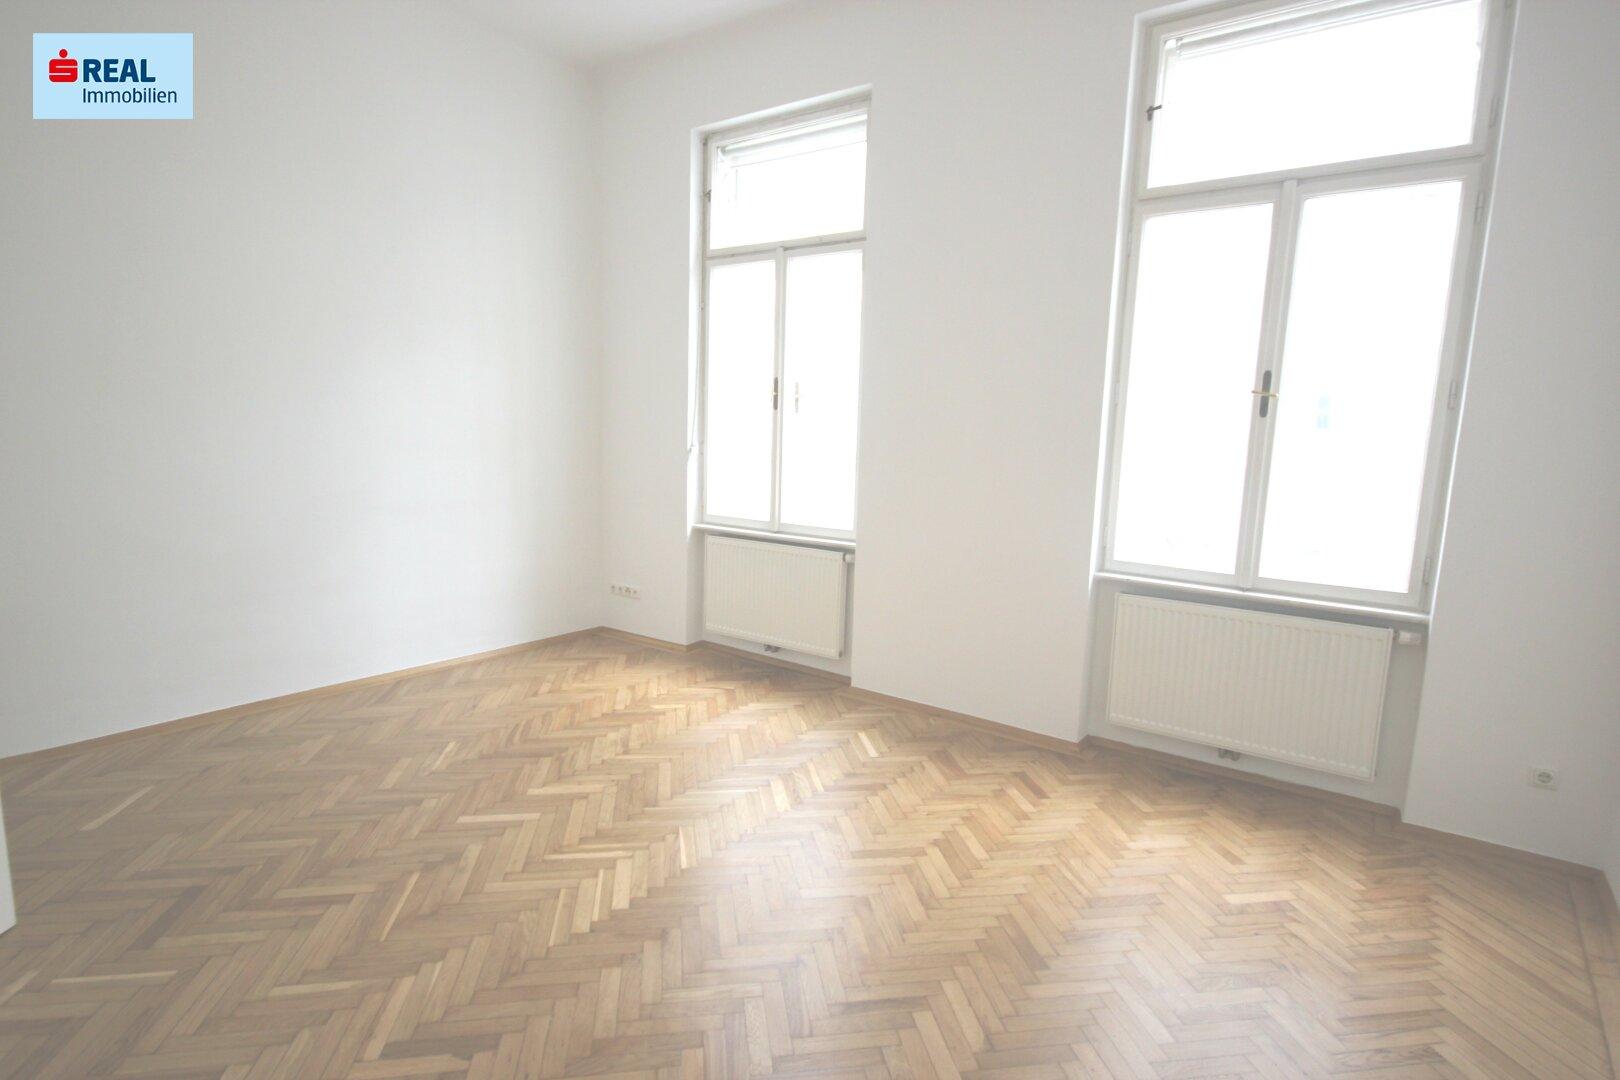 Zimmer I